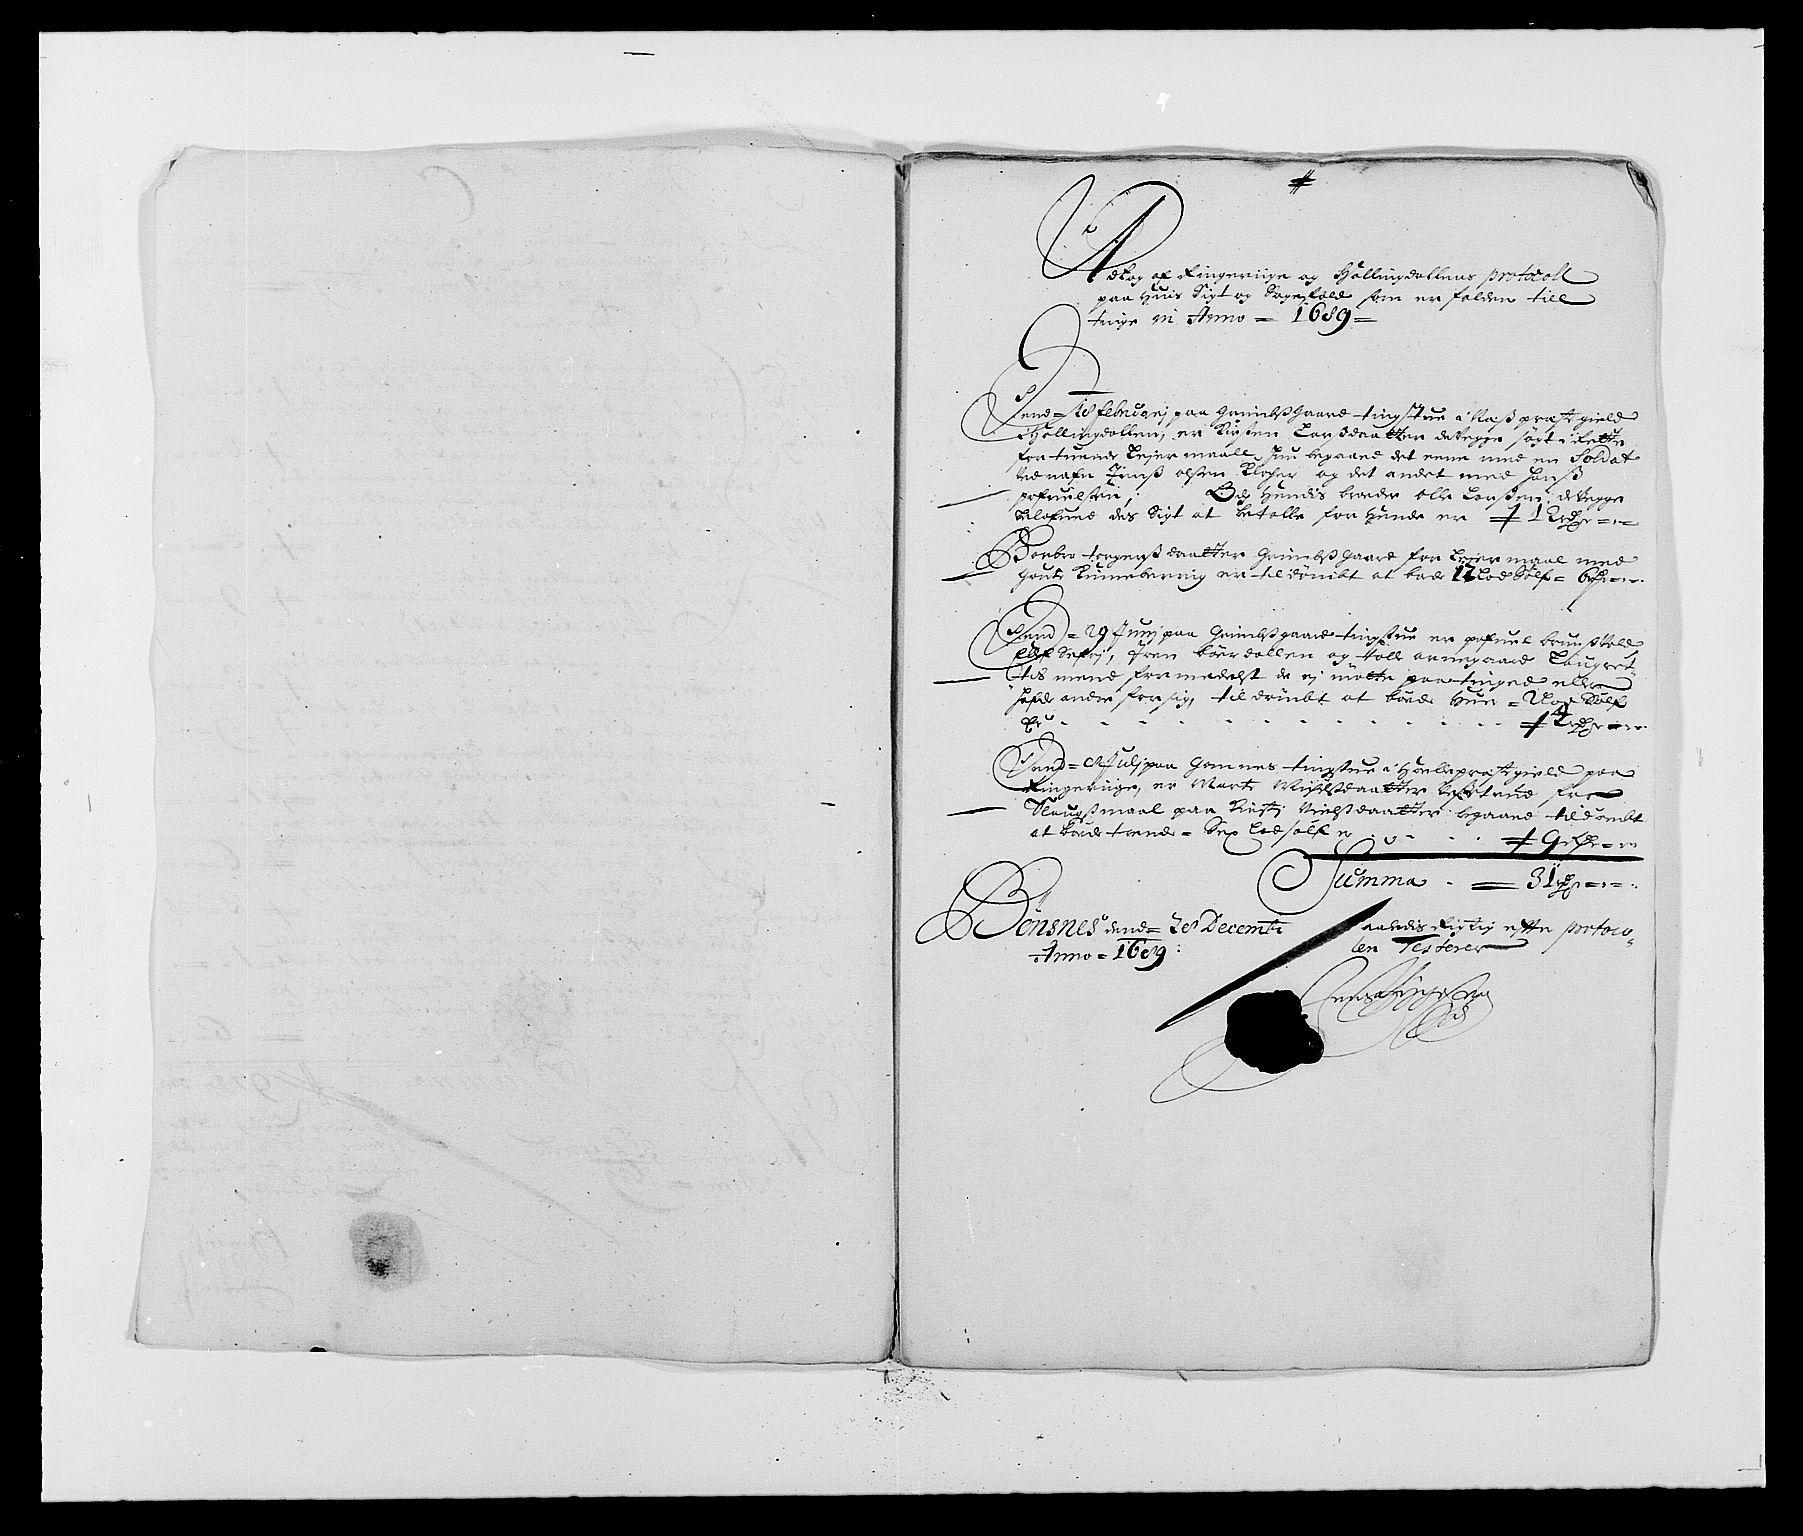 RA, Rentekammeret inntil 1814, Reviderte regnskaper, Fogderegnskap, R21/L1447: Fogderegnskap Ringerike og Hallingdal, 1687-1689, s. 301